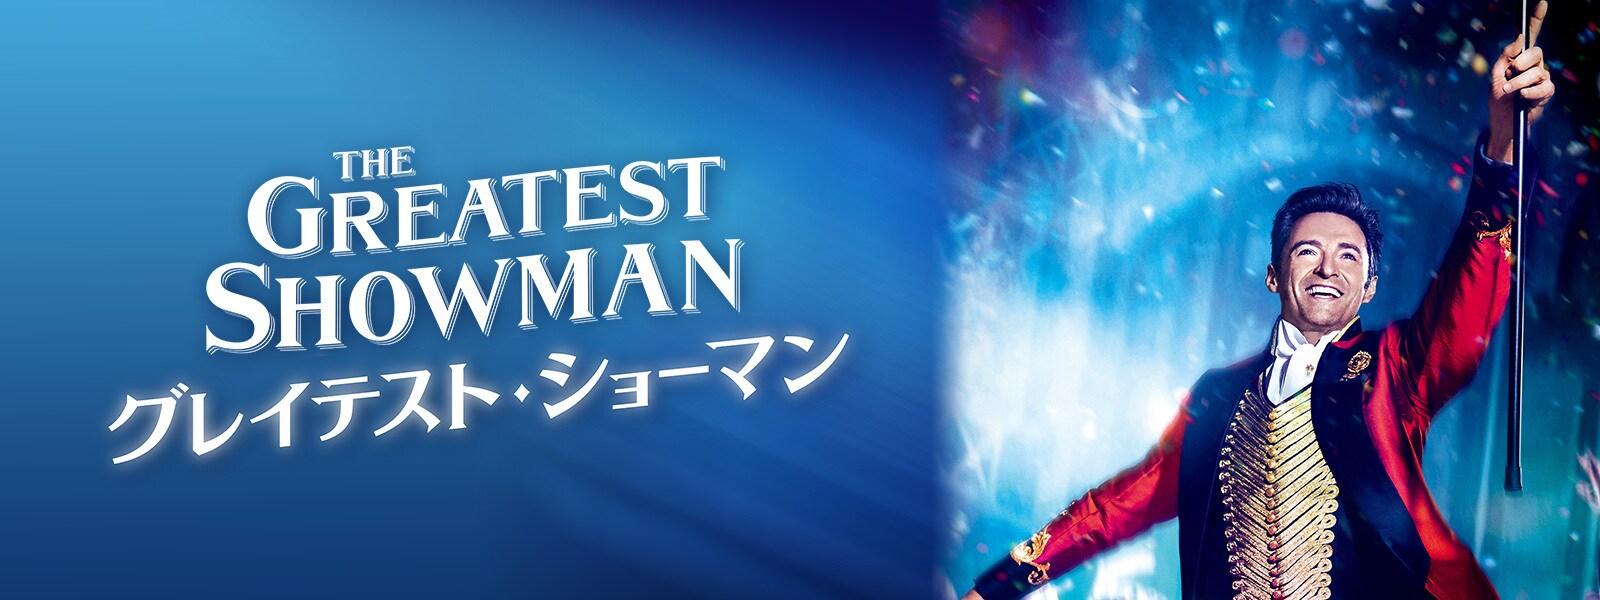 グレイテスト・ショーマン The Greatest Showman Hero